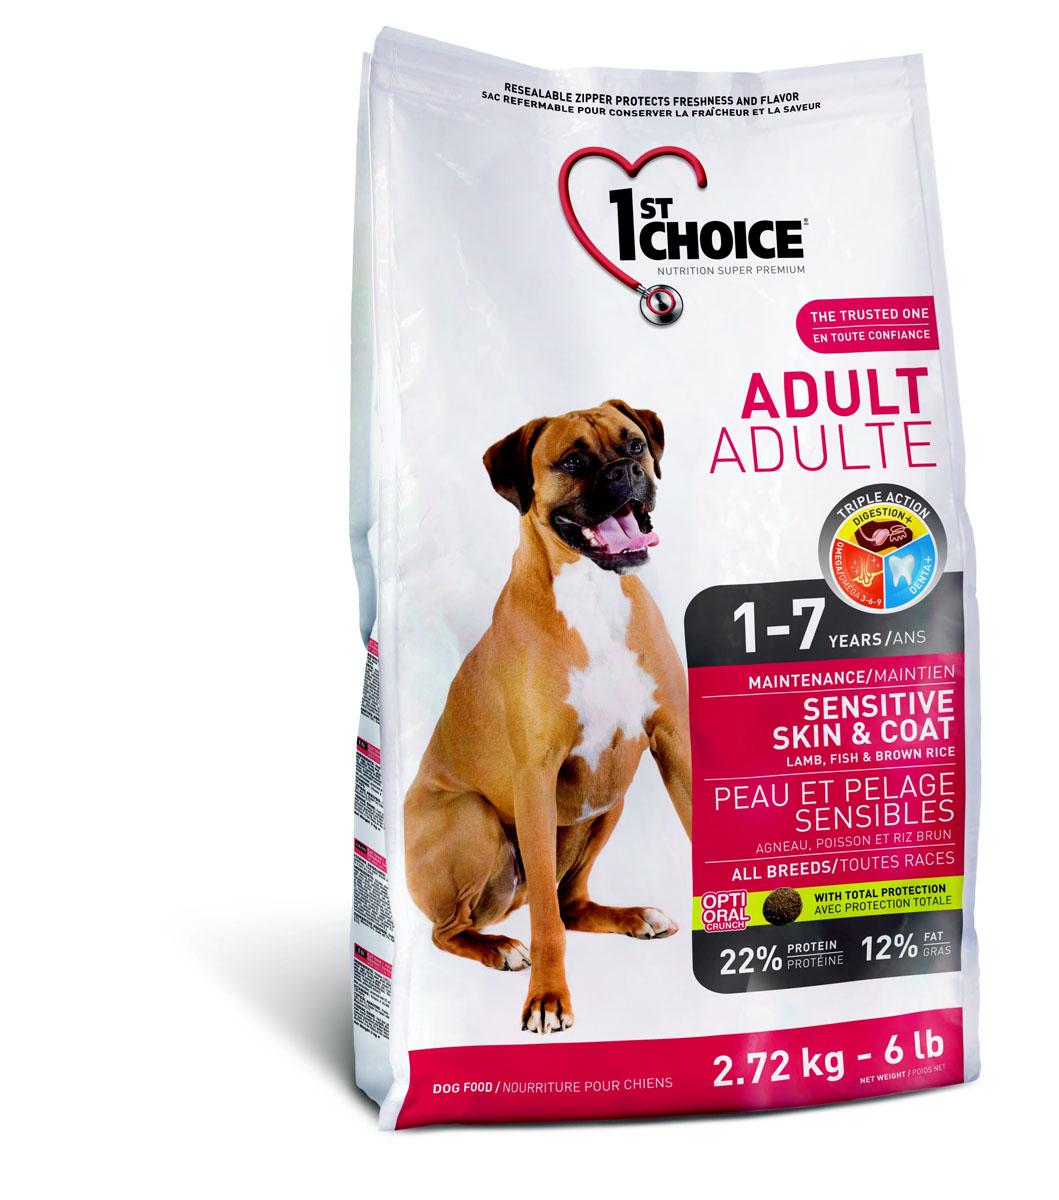 Корм сухой 1st Choice Sensitive Skin & Coat для взрослых собак с чувствительной кожей и шерстью, с ягненком, рыбой и рисом, 15 кг56686Сухой корм 1st Choice Sensitive Skin & Coat предназначен для взрослых собак с чувствительной кожей и шерстью. Ягненок и рыба (потенциально гипоаллергенные источники протеина) - главные ингредиенты этой сбалансированной и очень вкусной формулы.Добавление натуральных пребиотиков, таких как экстракт цикория - источник инулина (фруктоолигосахарид) и дрожжевой экстракт (маннан-олигосахариды) способствует росту и развитию полезной кишечной микрофлоры, которая укрепляет иммунную систему организма. Экстракт имбиря снижает тошноту и газообразование.Превосходное сочетание экстракта зеленого чая, быстрорастворимого витамина С, клетчатки, мяты и петрушки освежает дыхание и обеспечивает гигиену зубов и полости рта. Сочетание Омега -3-6-9 жирных кислот и L-цистина делают шерсть блестящей, а кожу здоровой.Ингредиенты: мука из мяса ягненка, мука из мяса сельди, коричневый рис, картофельная мука, перловая крупа, дробленый рис, овсяная крупа, растительное масло (источник Омего-6 жирных кислот) в качестве консерванта - смесь токоферолов (источник витамина Е), сушеная мякоть свеклы, сушеная мякоть томата, измельченная клетчатка, цельное семя льна (источник Омего-3 жирных кислот), лецитин, гидролизат куриной печени, жир сельди, мононатрийфосфат, холинхлорид, кальция пропинат (в качестве консерванта), дрожжевой экстракт, аскорбиновая кистота (витамин С), таурин, экстракт цикория (источник инулина), сульфат железа, сульфат глюкозамина, оксид цинка, ацетат альфа-токоферола (источник витамина Е), хондроитин сульфа, экстракт Юкки Шидигера Yucca, протеинат железа, протеинат цинка, селенит натрия, мононитрат тиамина, сушеные водоросли, экстракт зелёного чая, сушеная мята, сушеная петрушка, L-цистин, сульфат меди, йодат кальция, пиридоксина гидрохлорид, оксид марганца, протеинат марганца, экстракт имбиря, никотиновая кислота, d-пантотенат кальция, супплемент вита